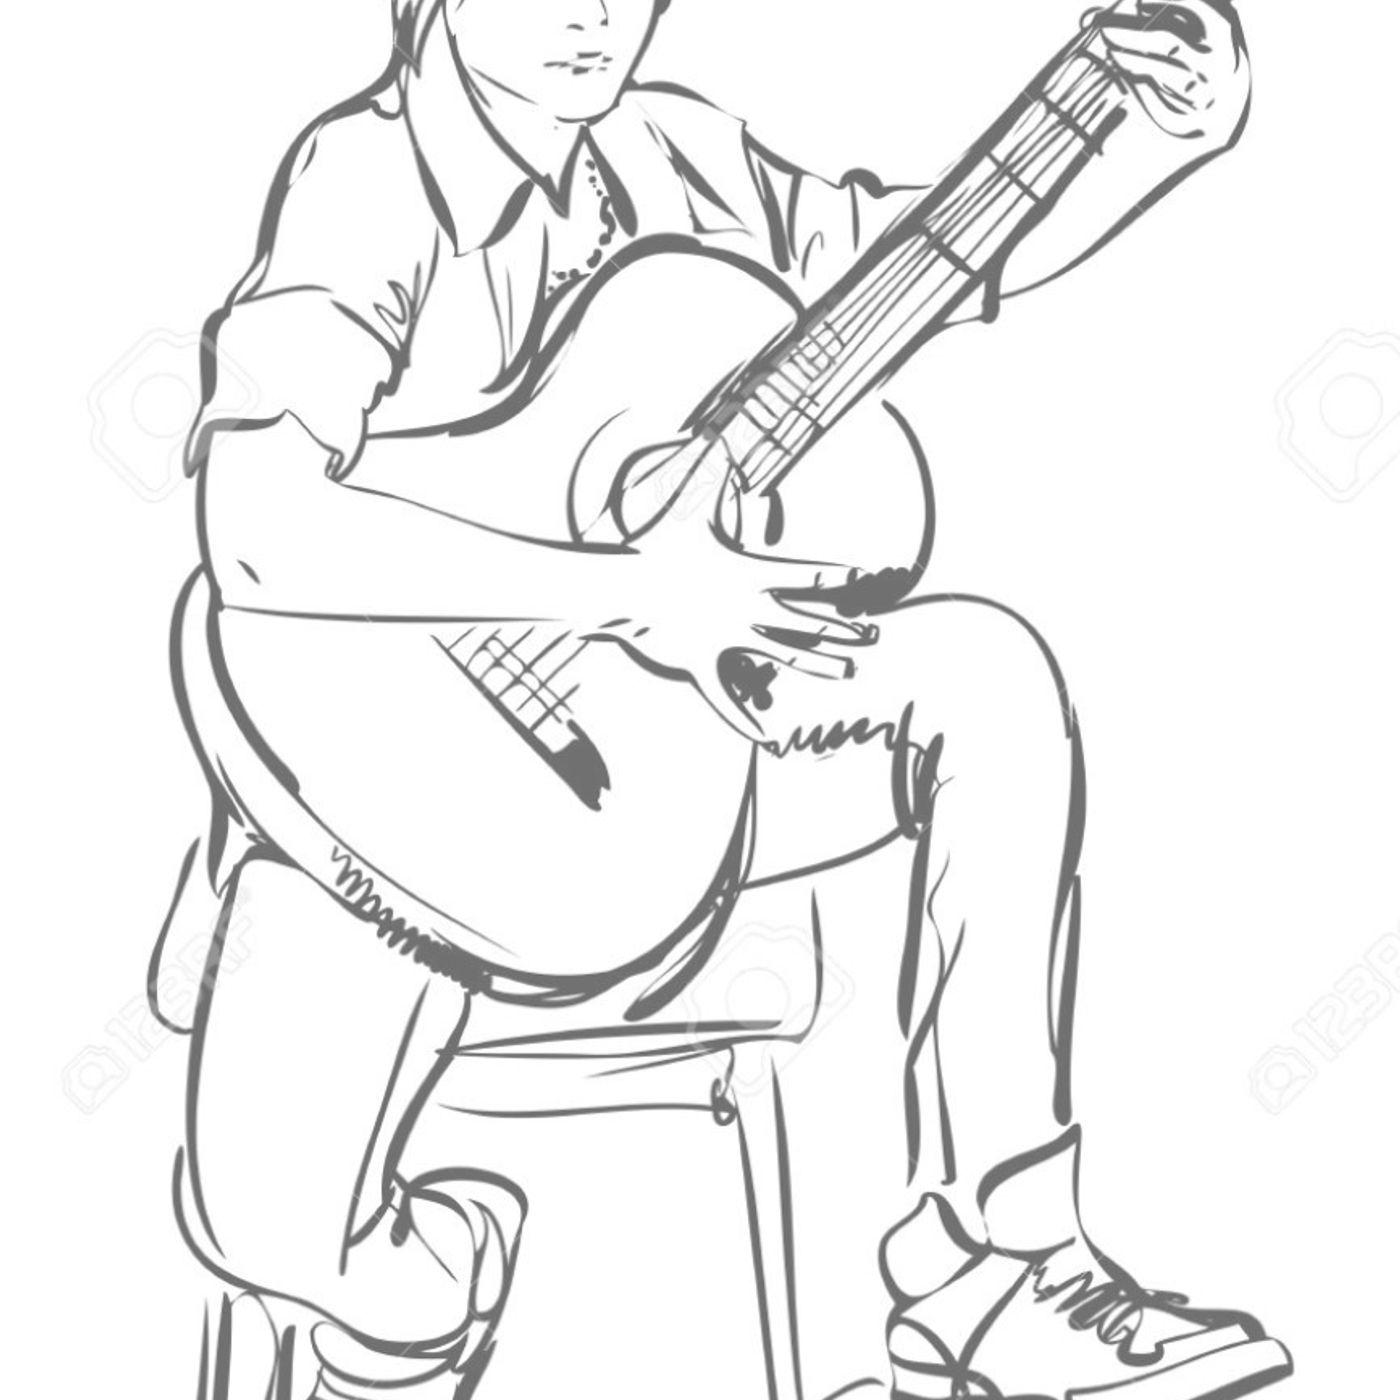 Kom i gang med guitaren 7 - Modal mol